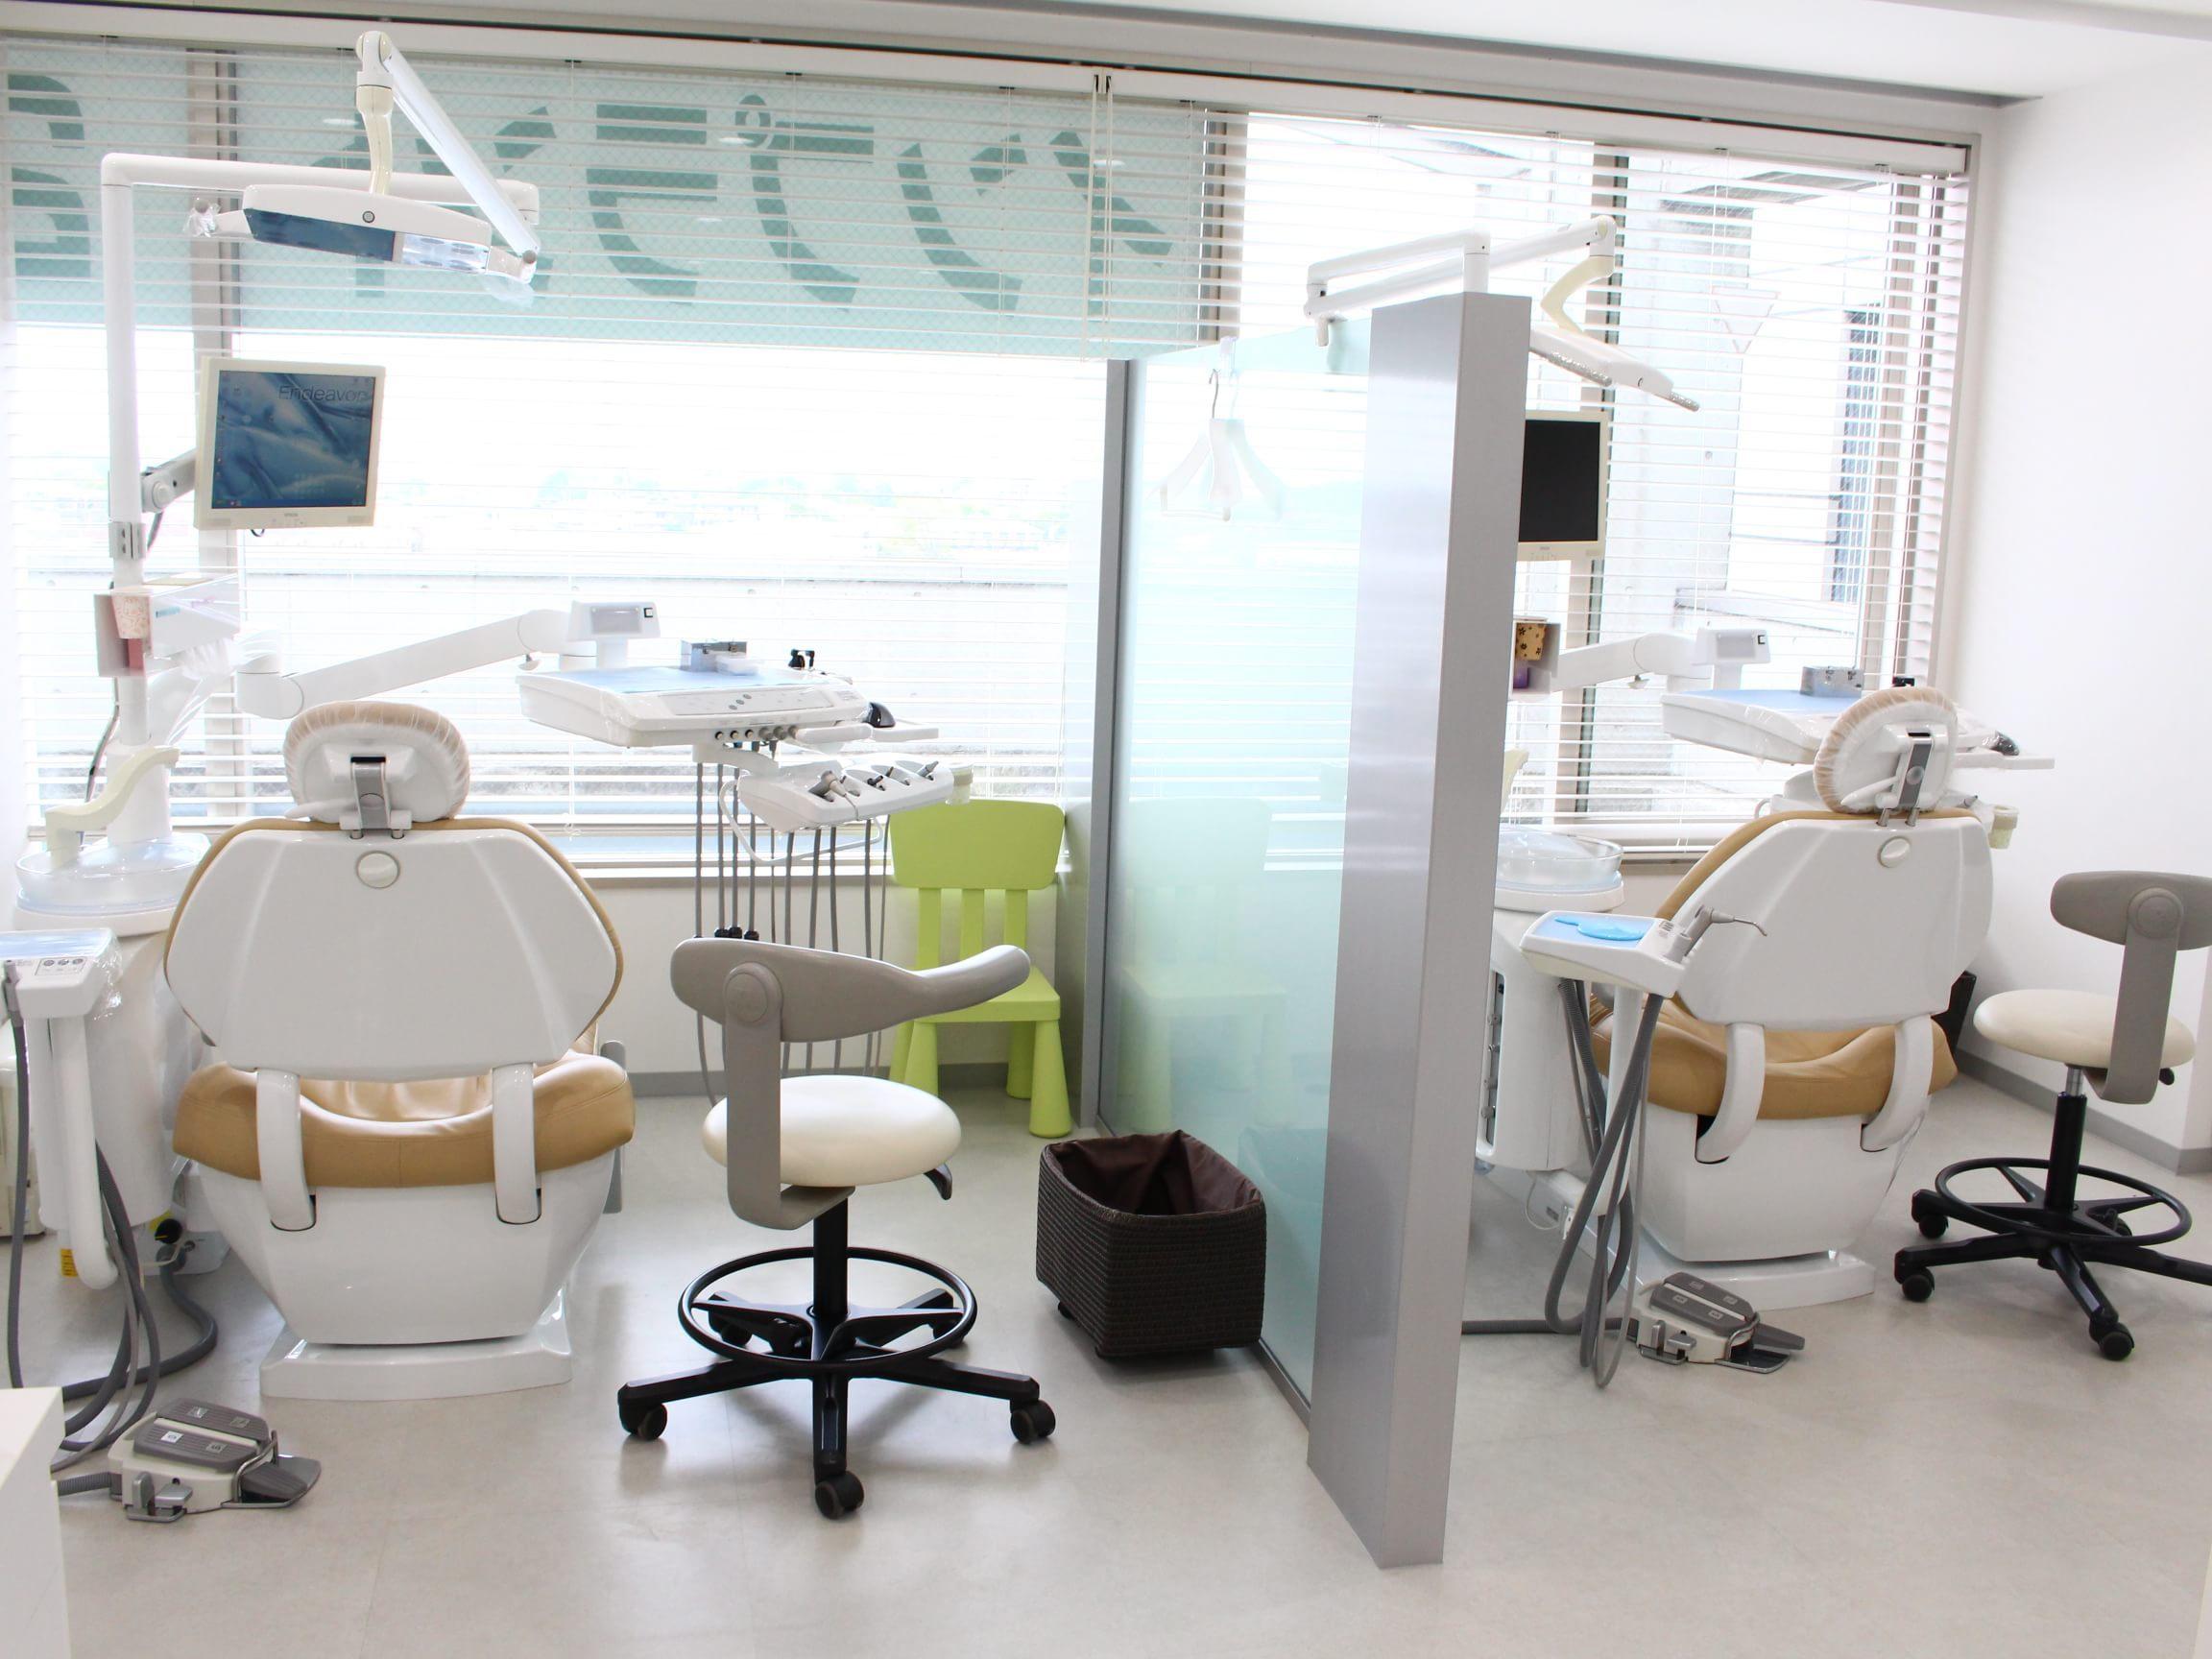 和光市駅 南口徒歩1分 和光市歯科の治療台写真3